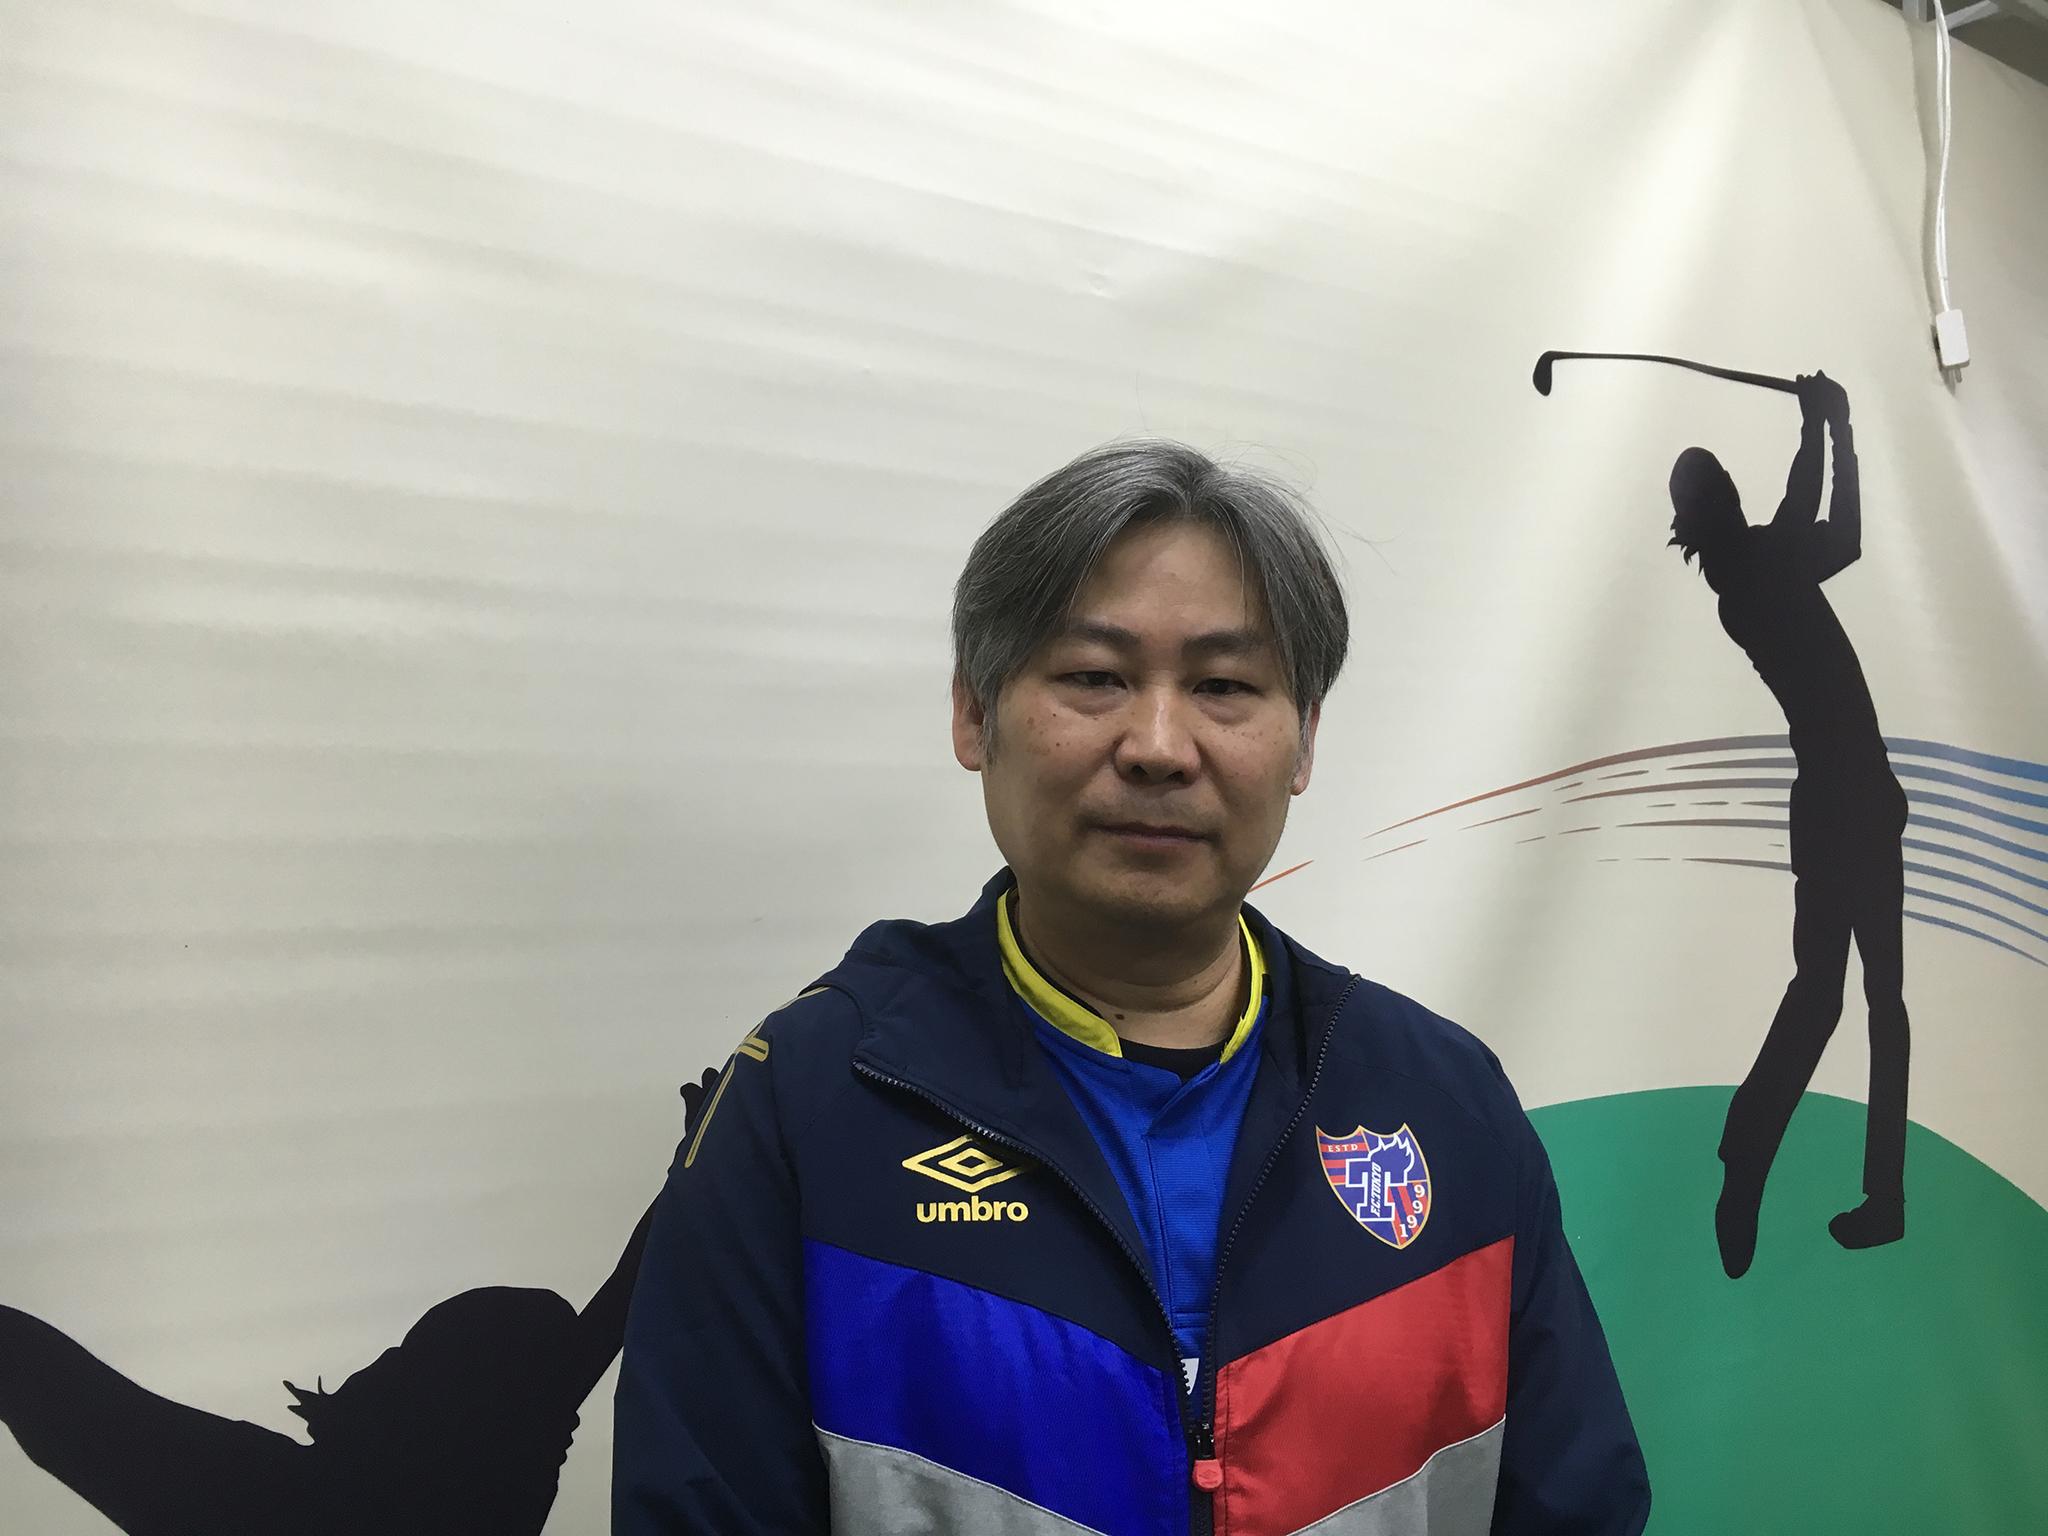 Macau Special Olympics contra inclusão de deficientes no salário mínimo